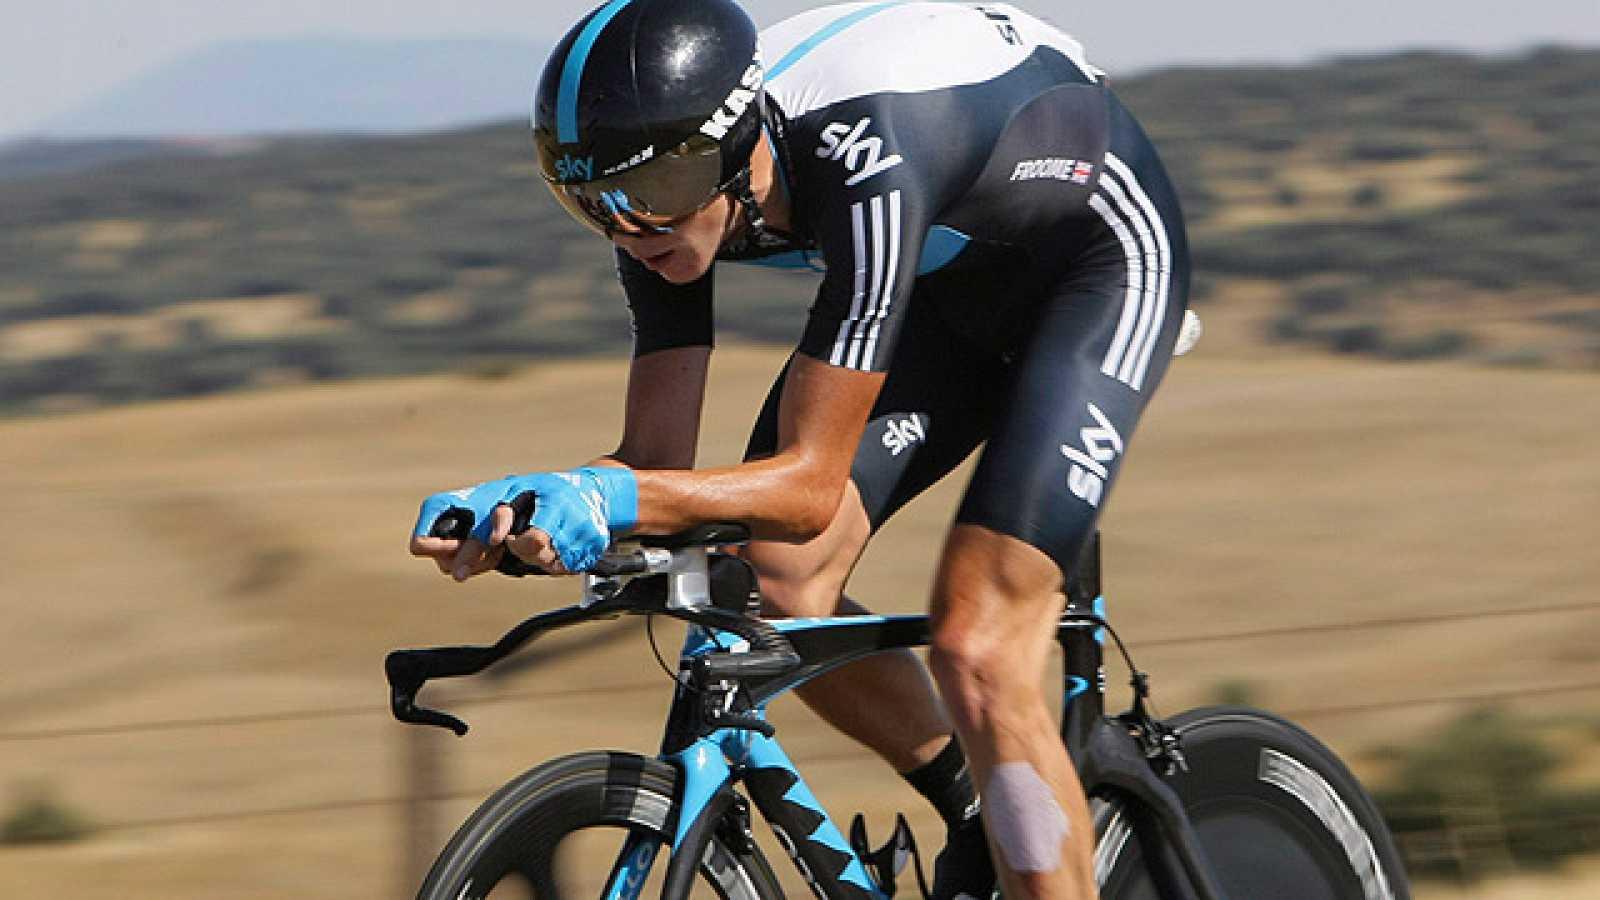 El sorprendente Chris Froome se ha aúpado al liderato de la Vuelta a España 2011 en la contrarreloj de Salamanca, que ha ganado el alemán Tony Martin.